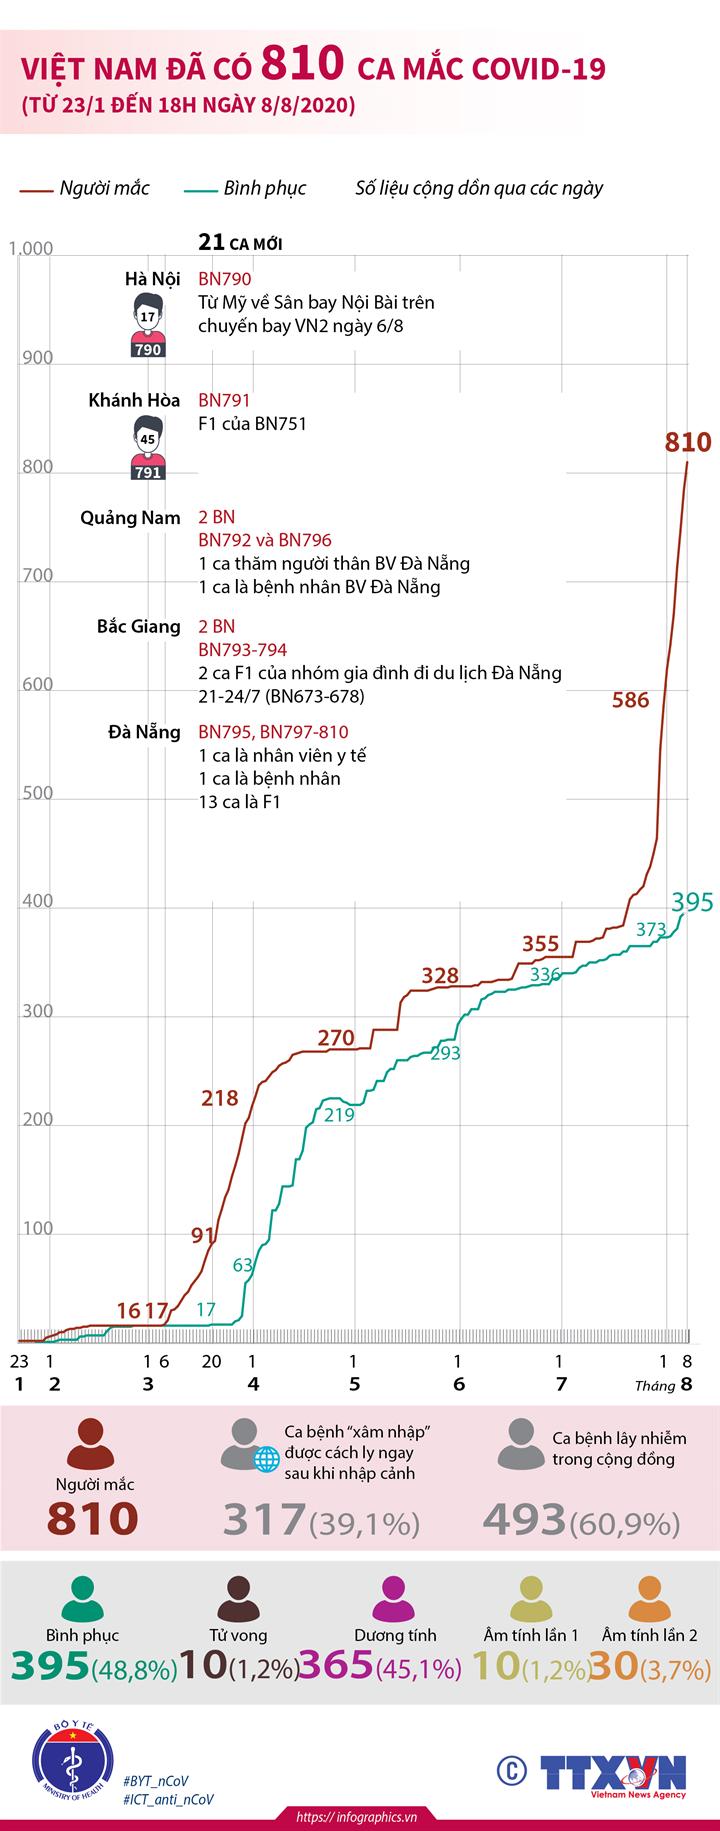 Việt Nam đã có 810 ca mắc COVID-19 (từ 23/1 đến 18h ngày 8/8/2020)